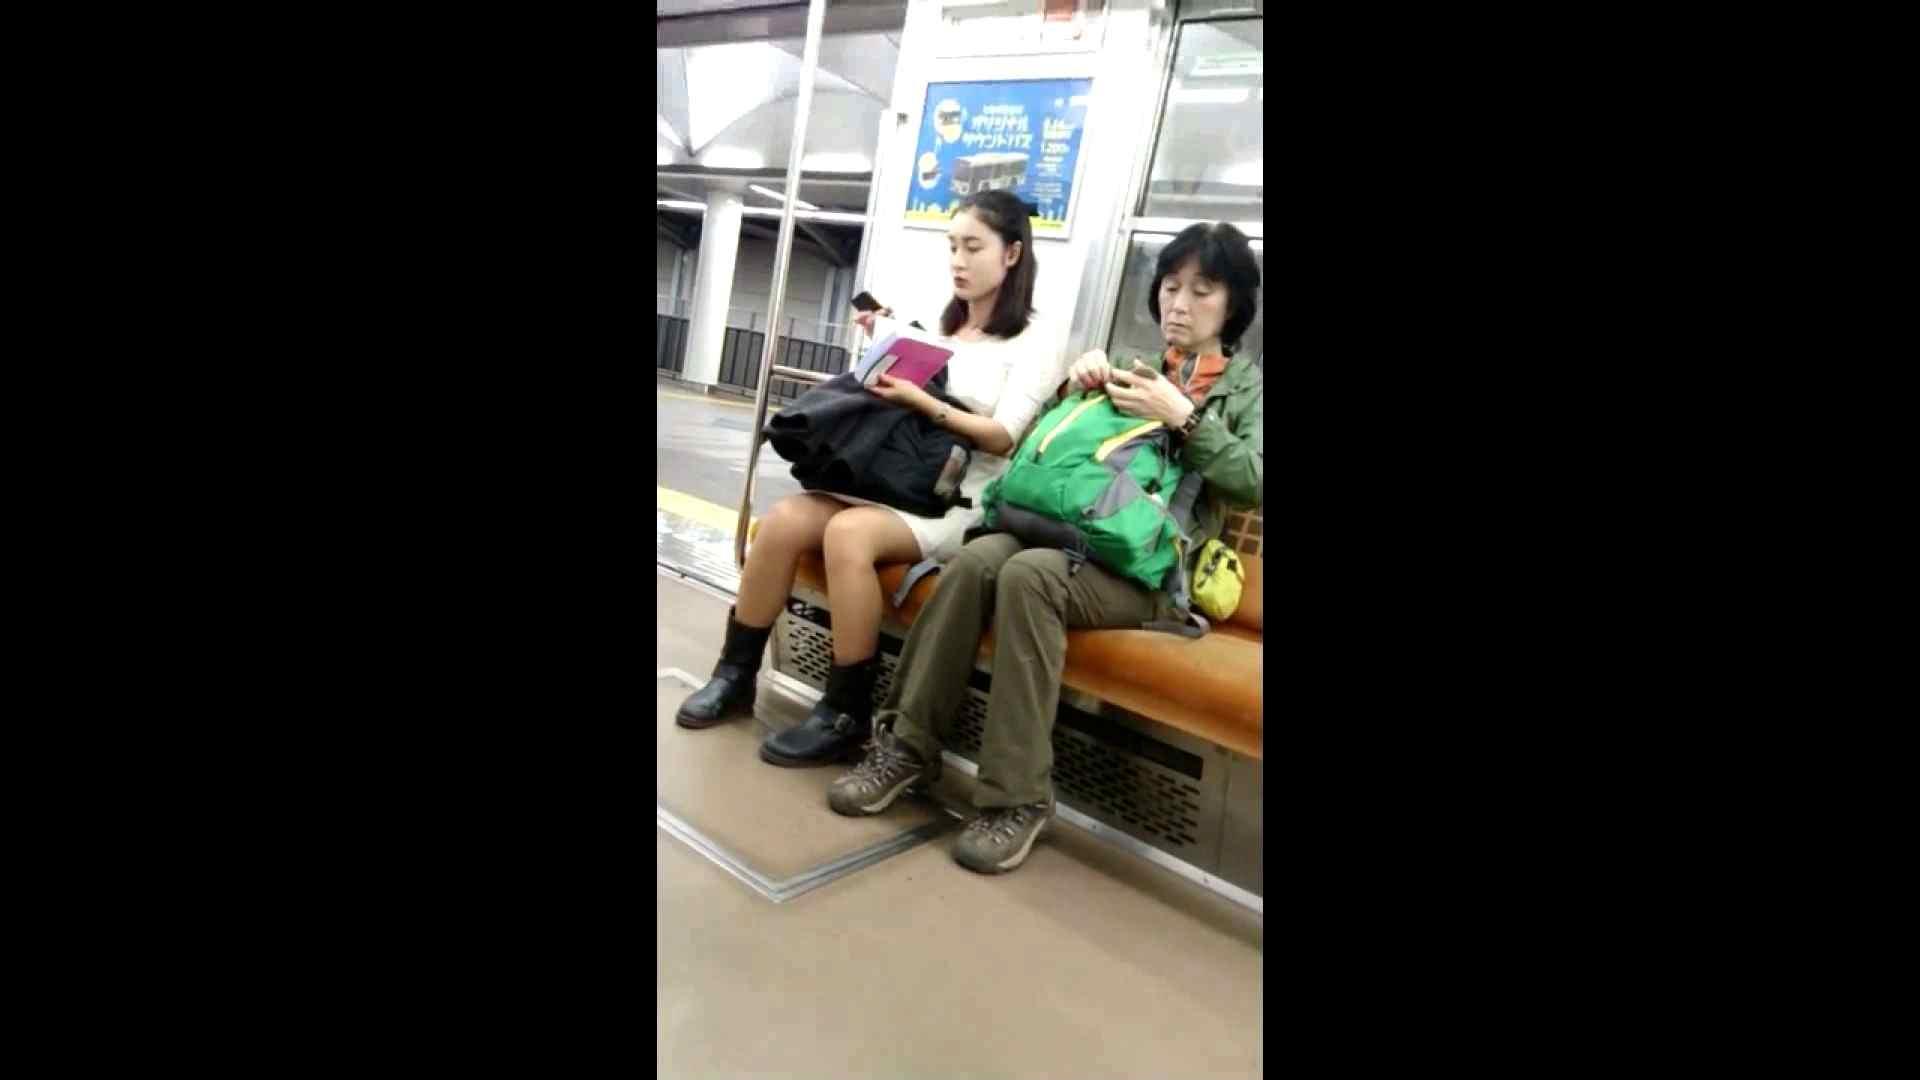 盗撮列車 vol.02 NINJAさんの粘着撮り 盗撮  76pic 6